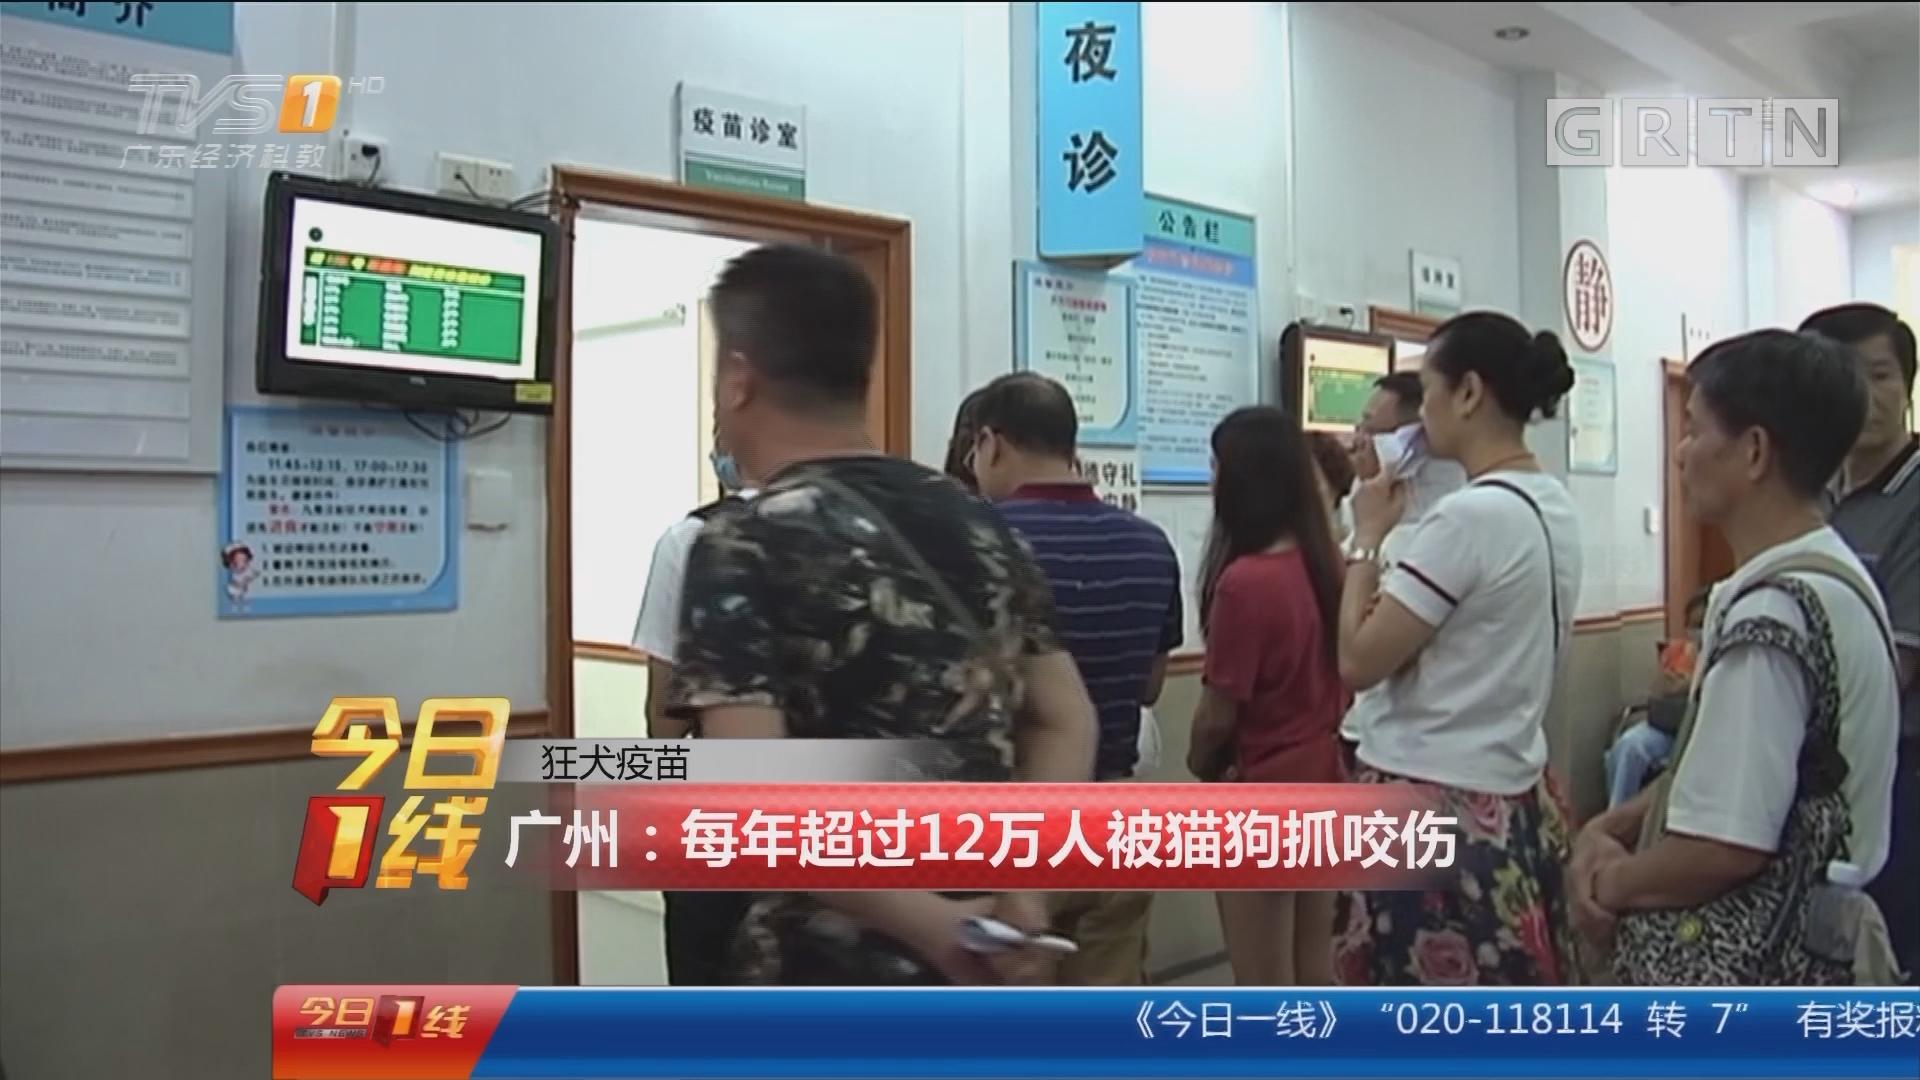 狂犬疫苗 广州:每年超过12万人被猫狗抓咬伤